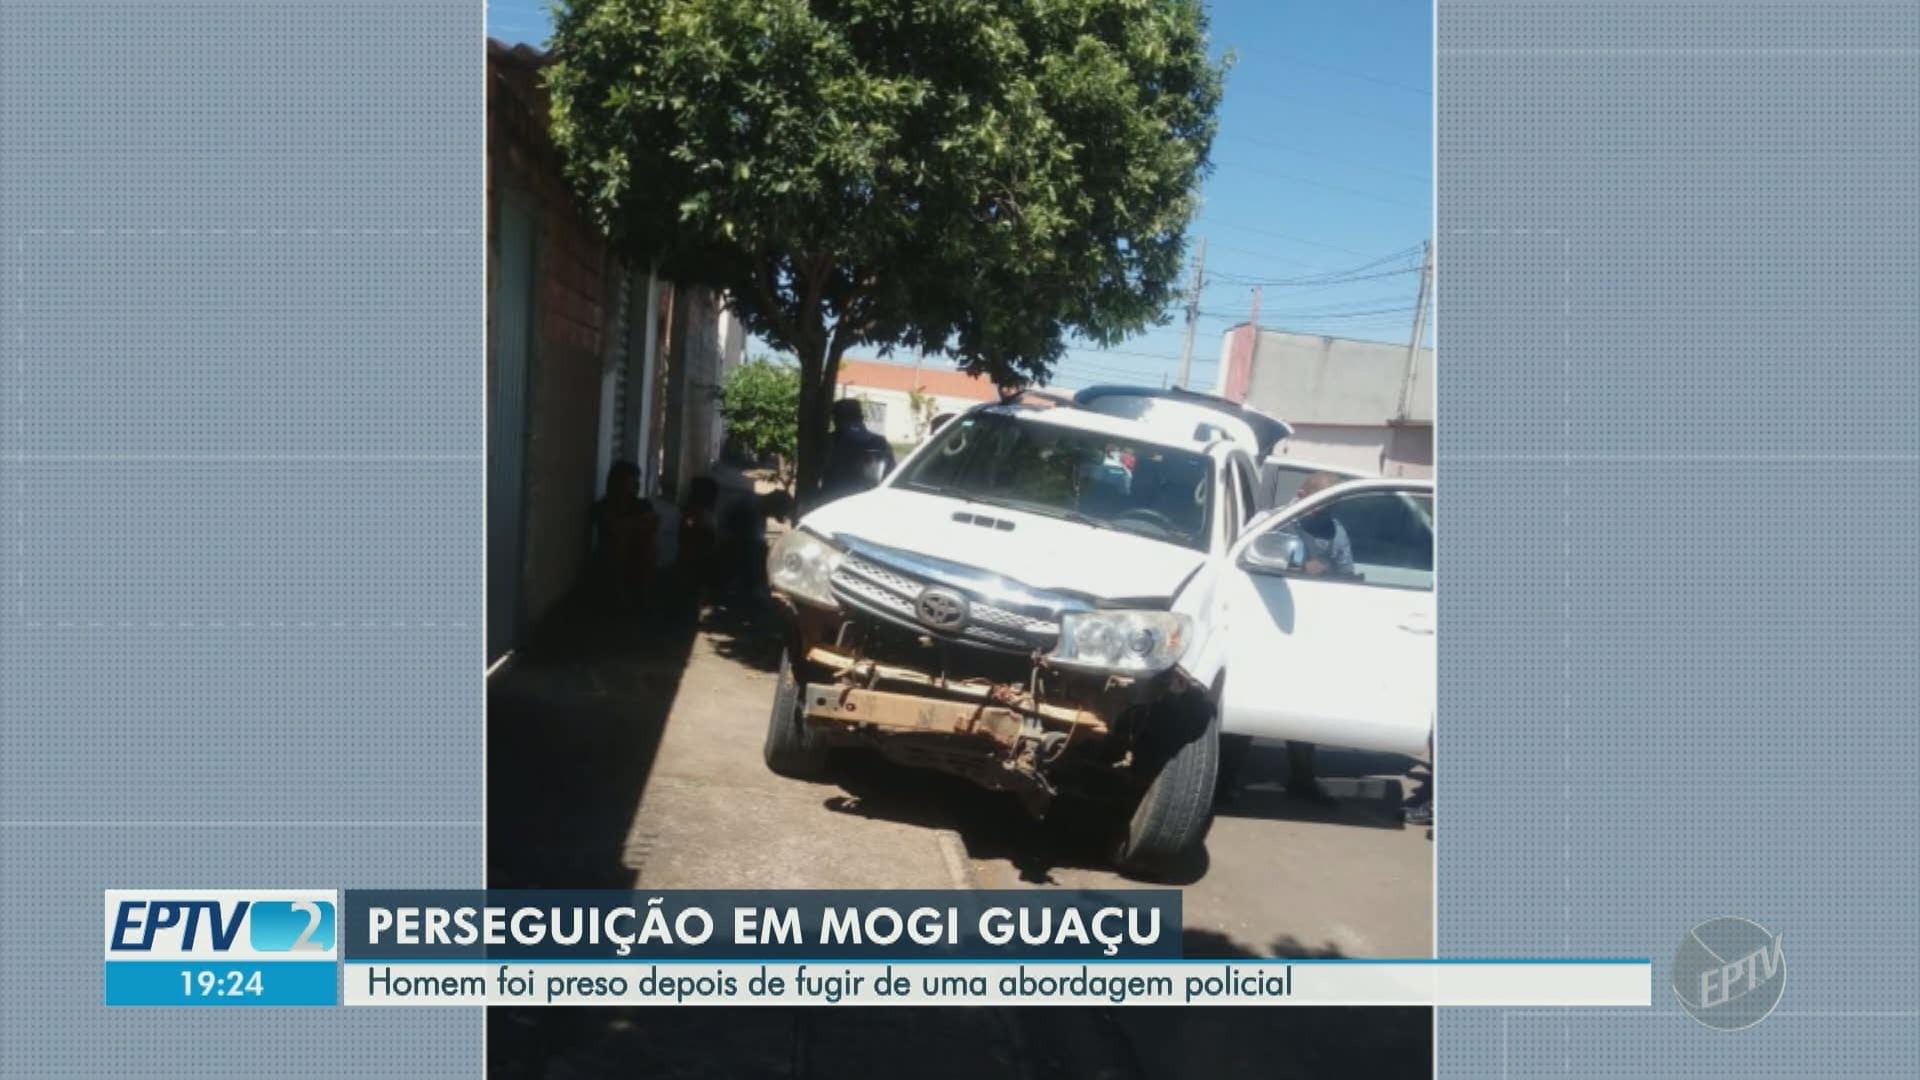 Motorista embriagado é preso após bater em árvore durante patrulhamento, em Mogi Guaçu - Noticias